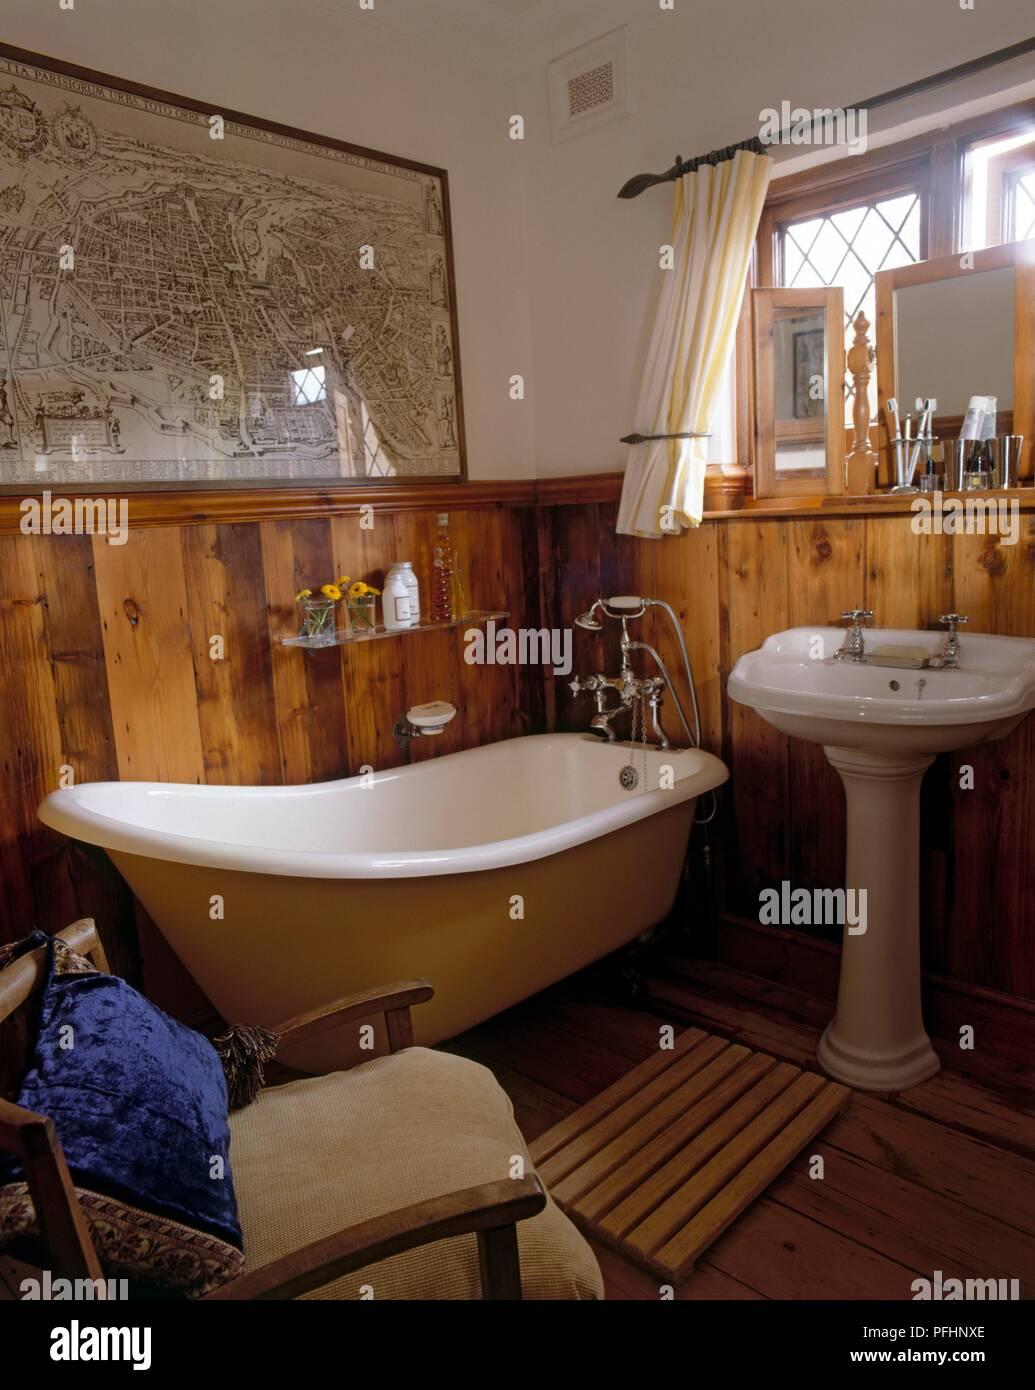 Badezimmer Mit Eigenstandigen Badewanne Ein Waschbecken Und Ein